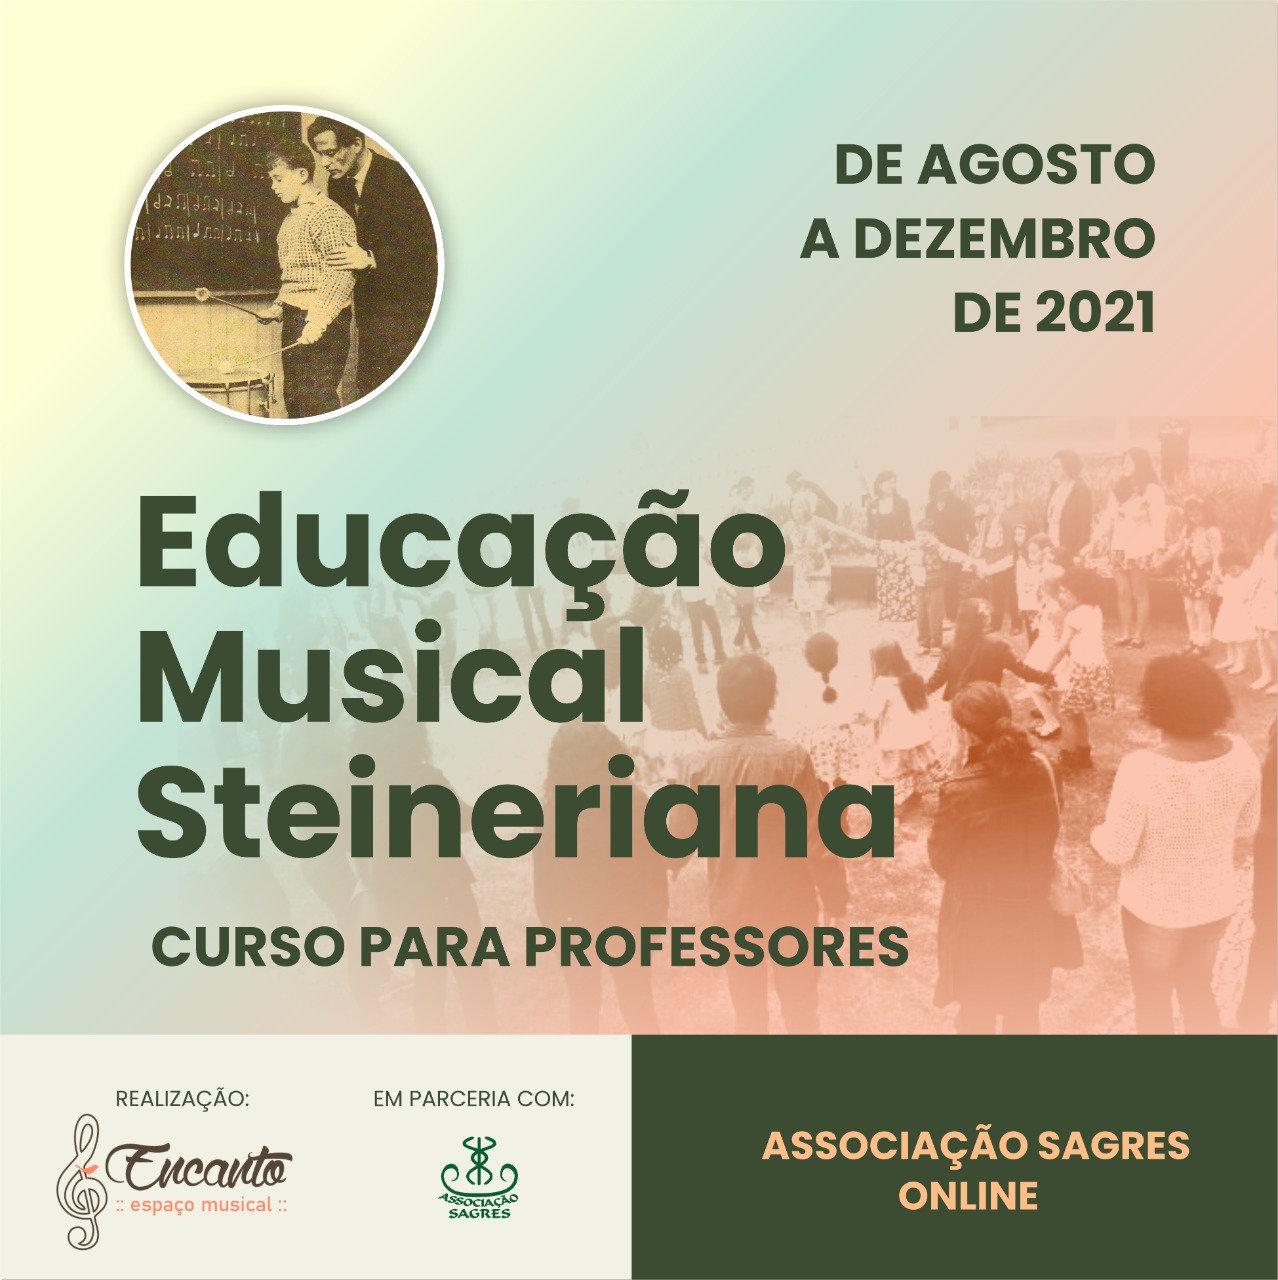 Educação Musical Steineriana - Módulo 1